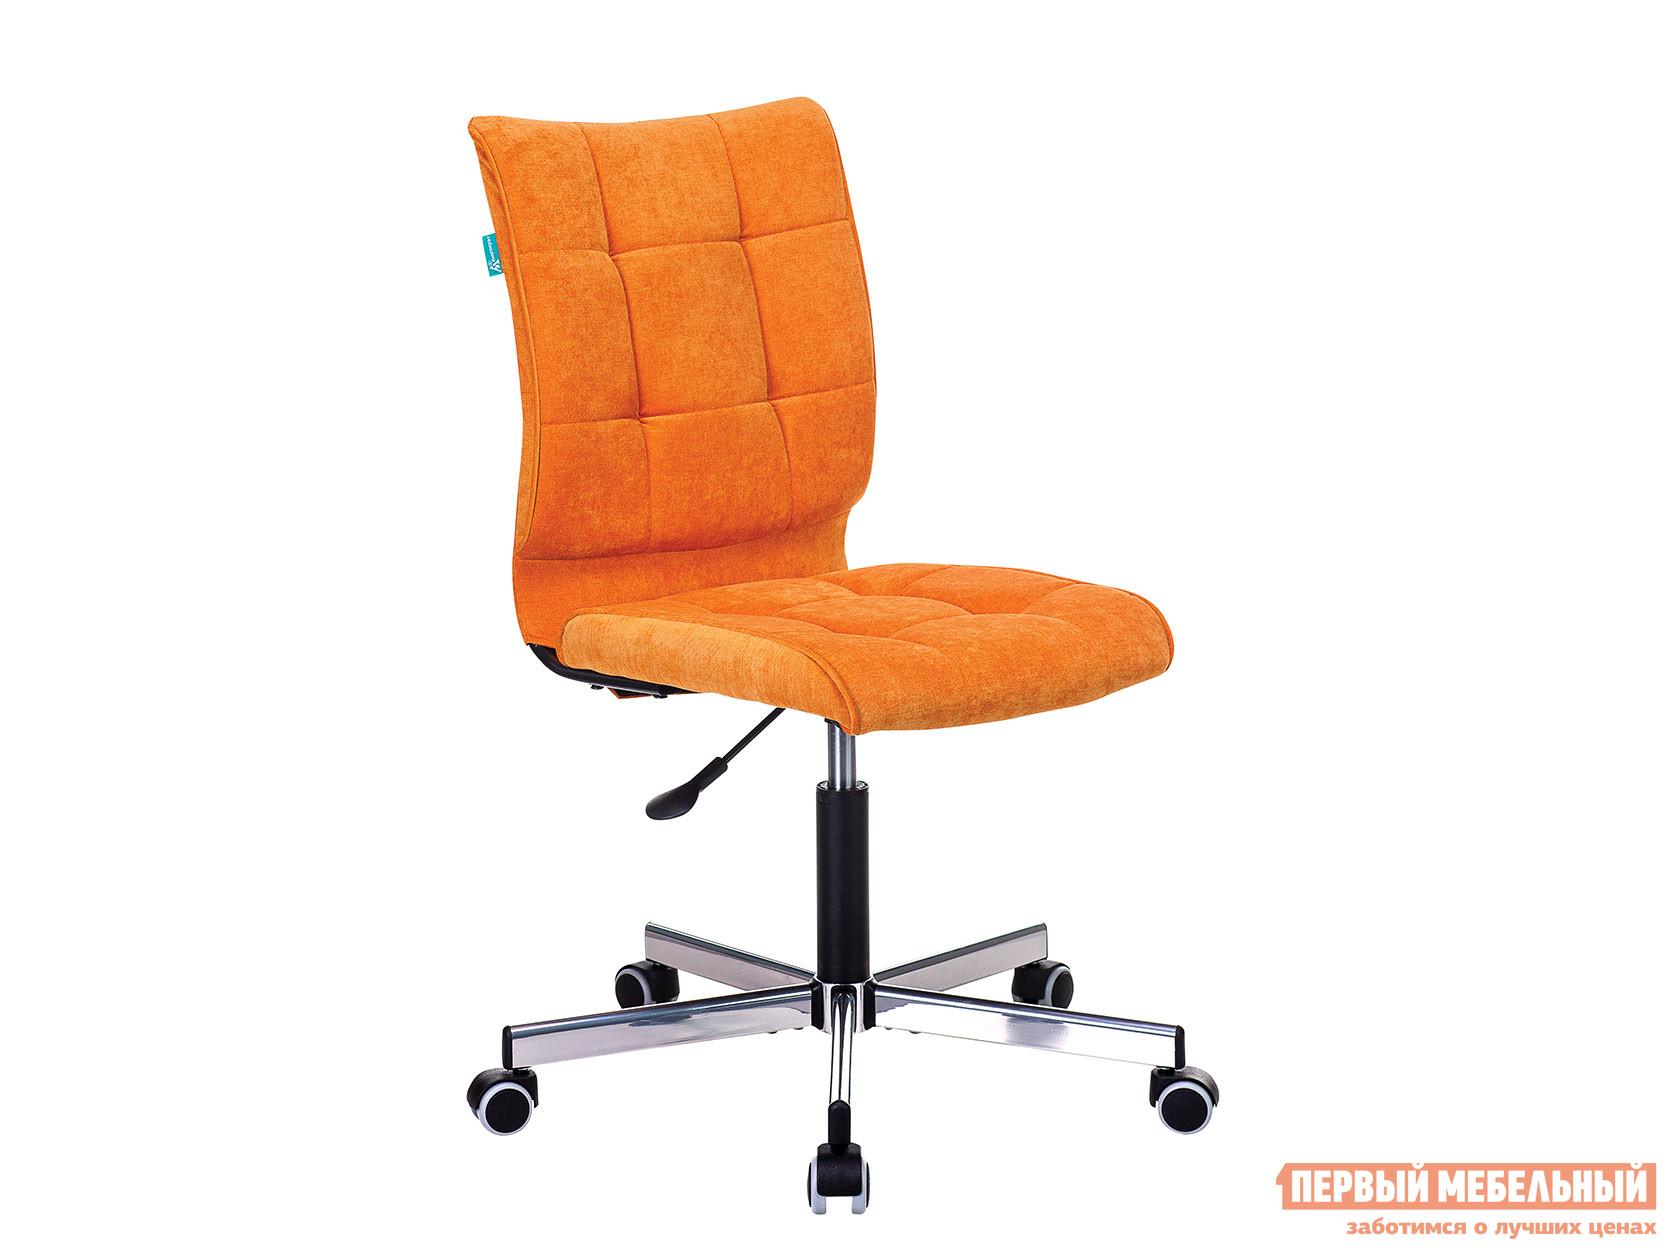 Офисное кресло  CH-330M Оранжевый, вельвет — CH-330M Оранжевый, вельвет